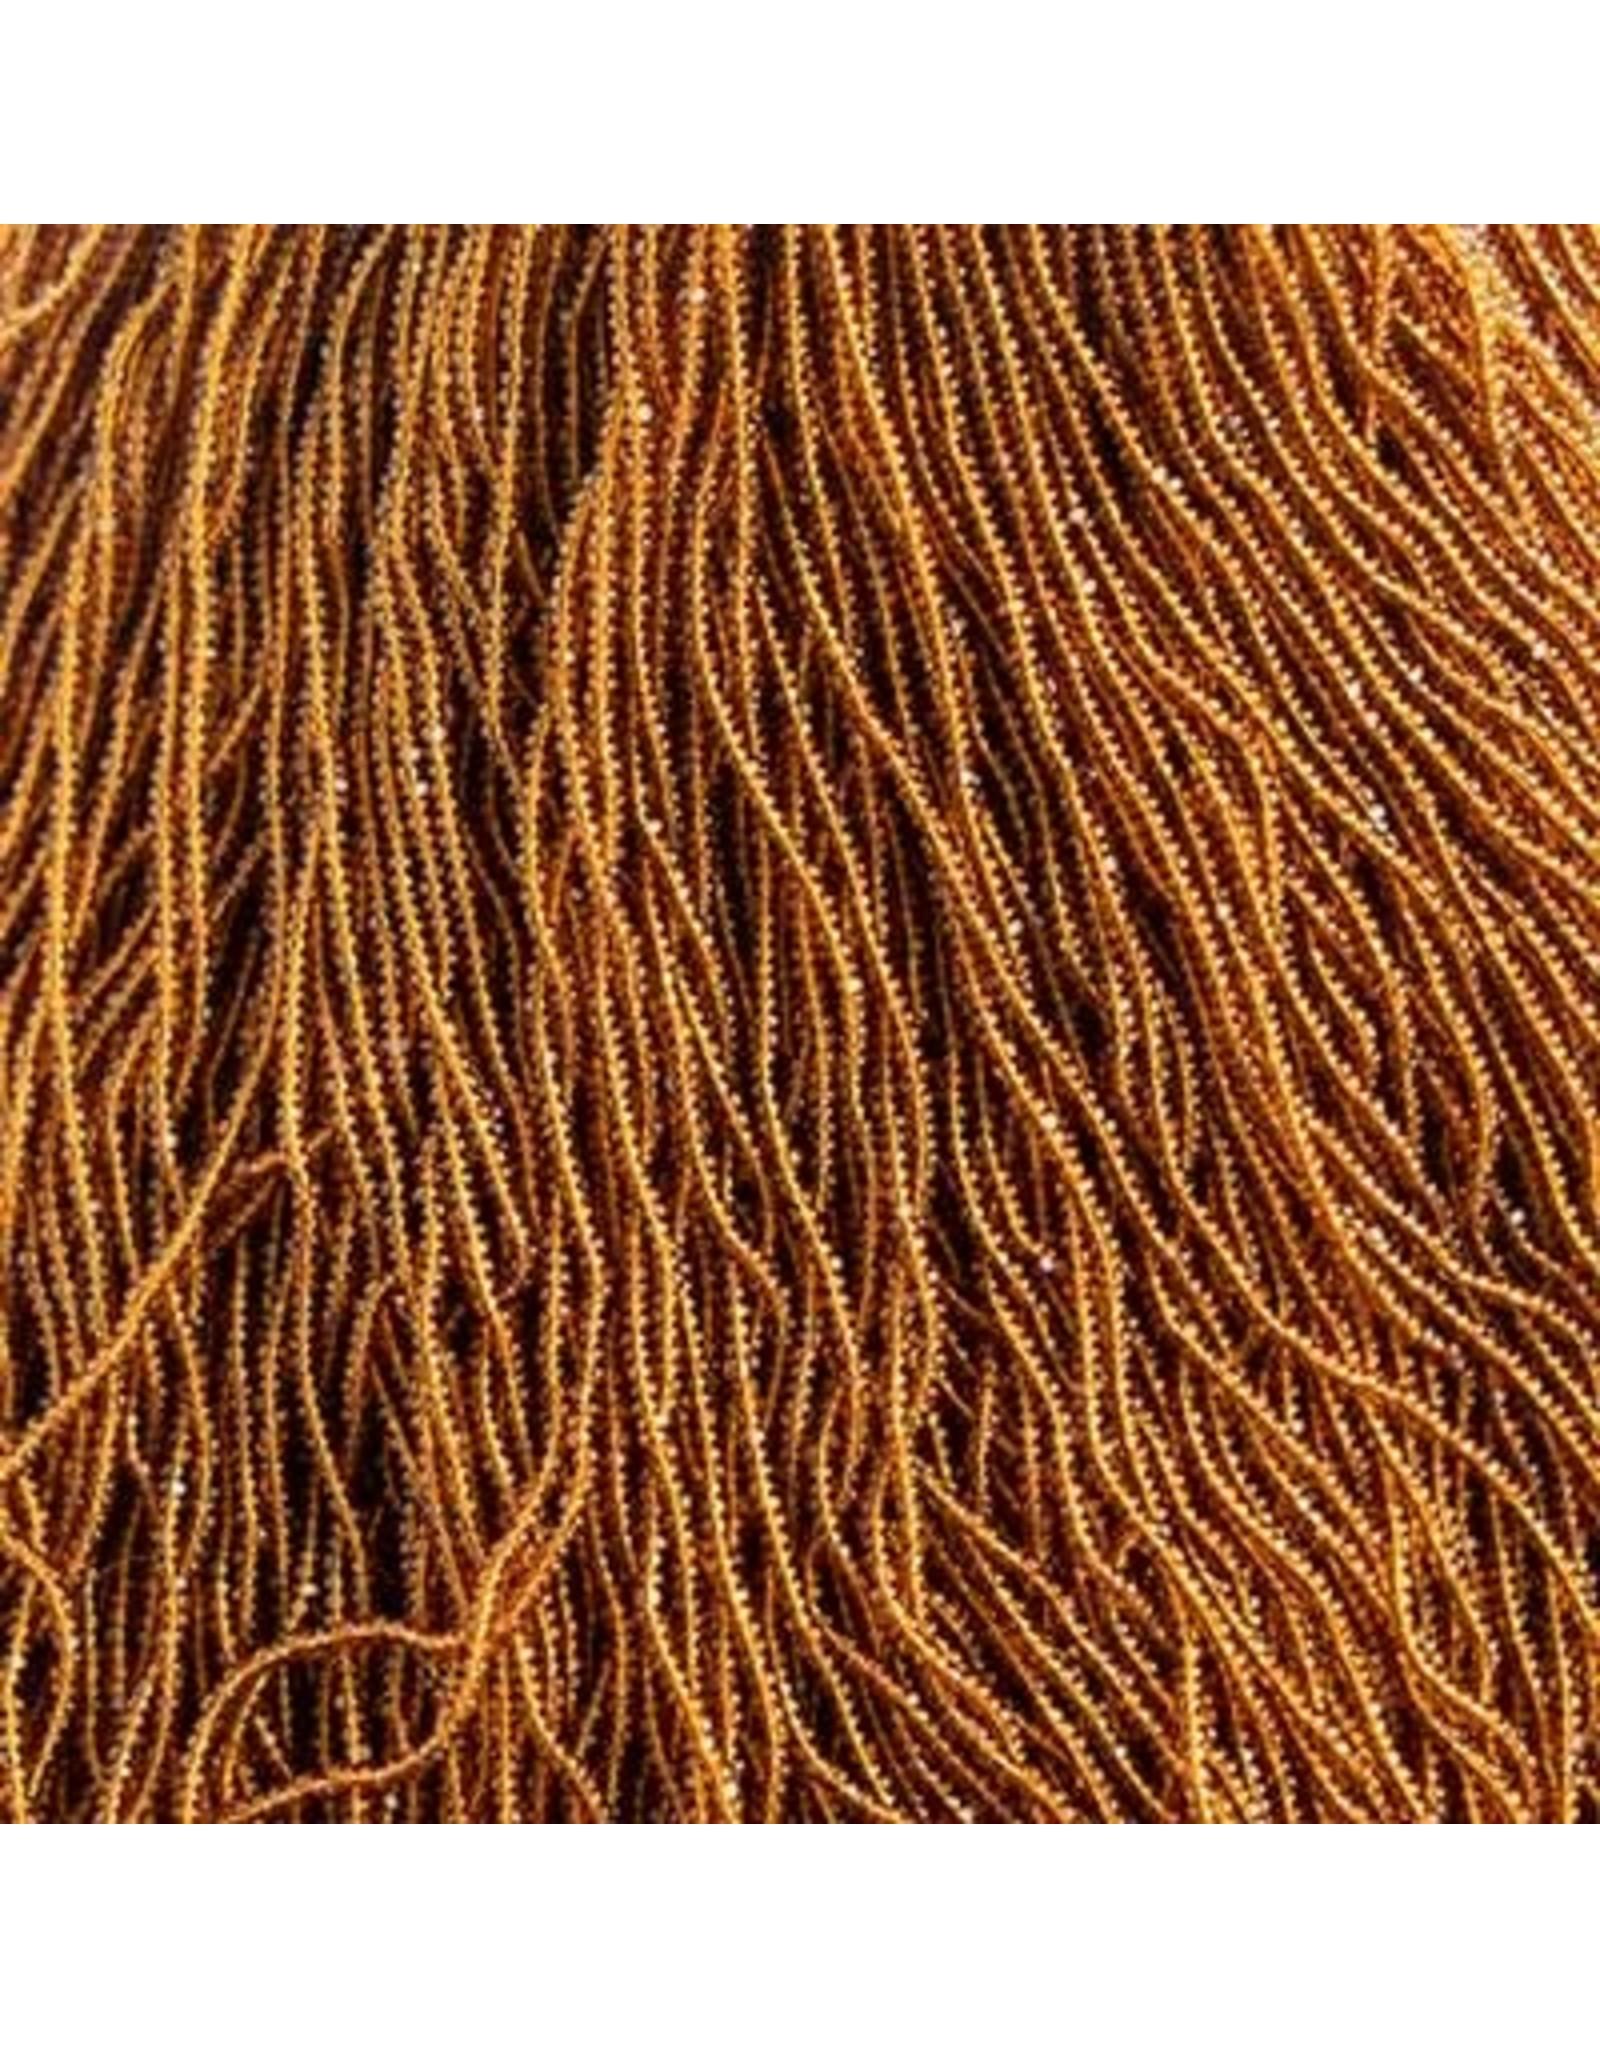 Czech 601045 13/0 Charlotte Cut Seed Hank 12g Transparent Topaz Brown